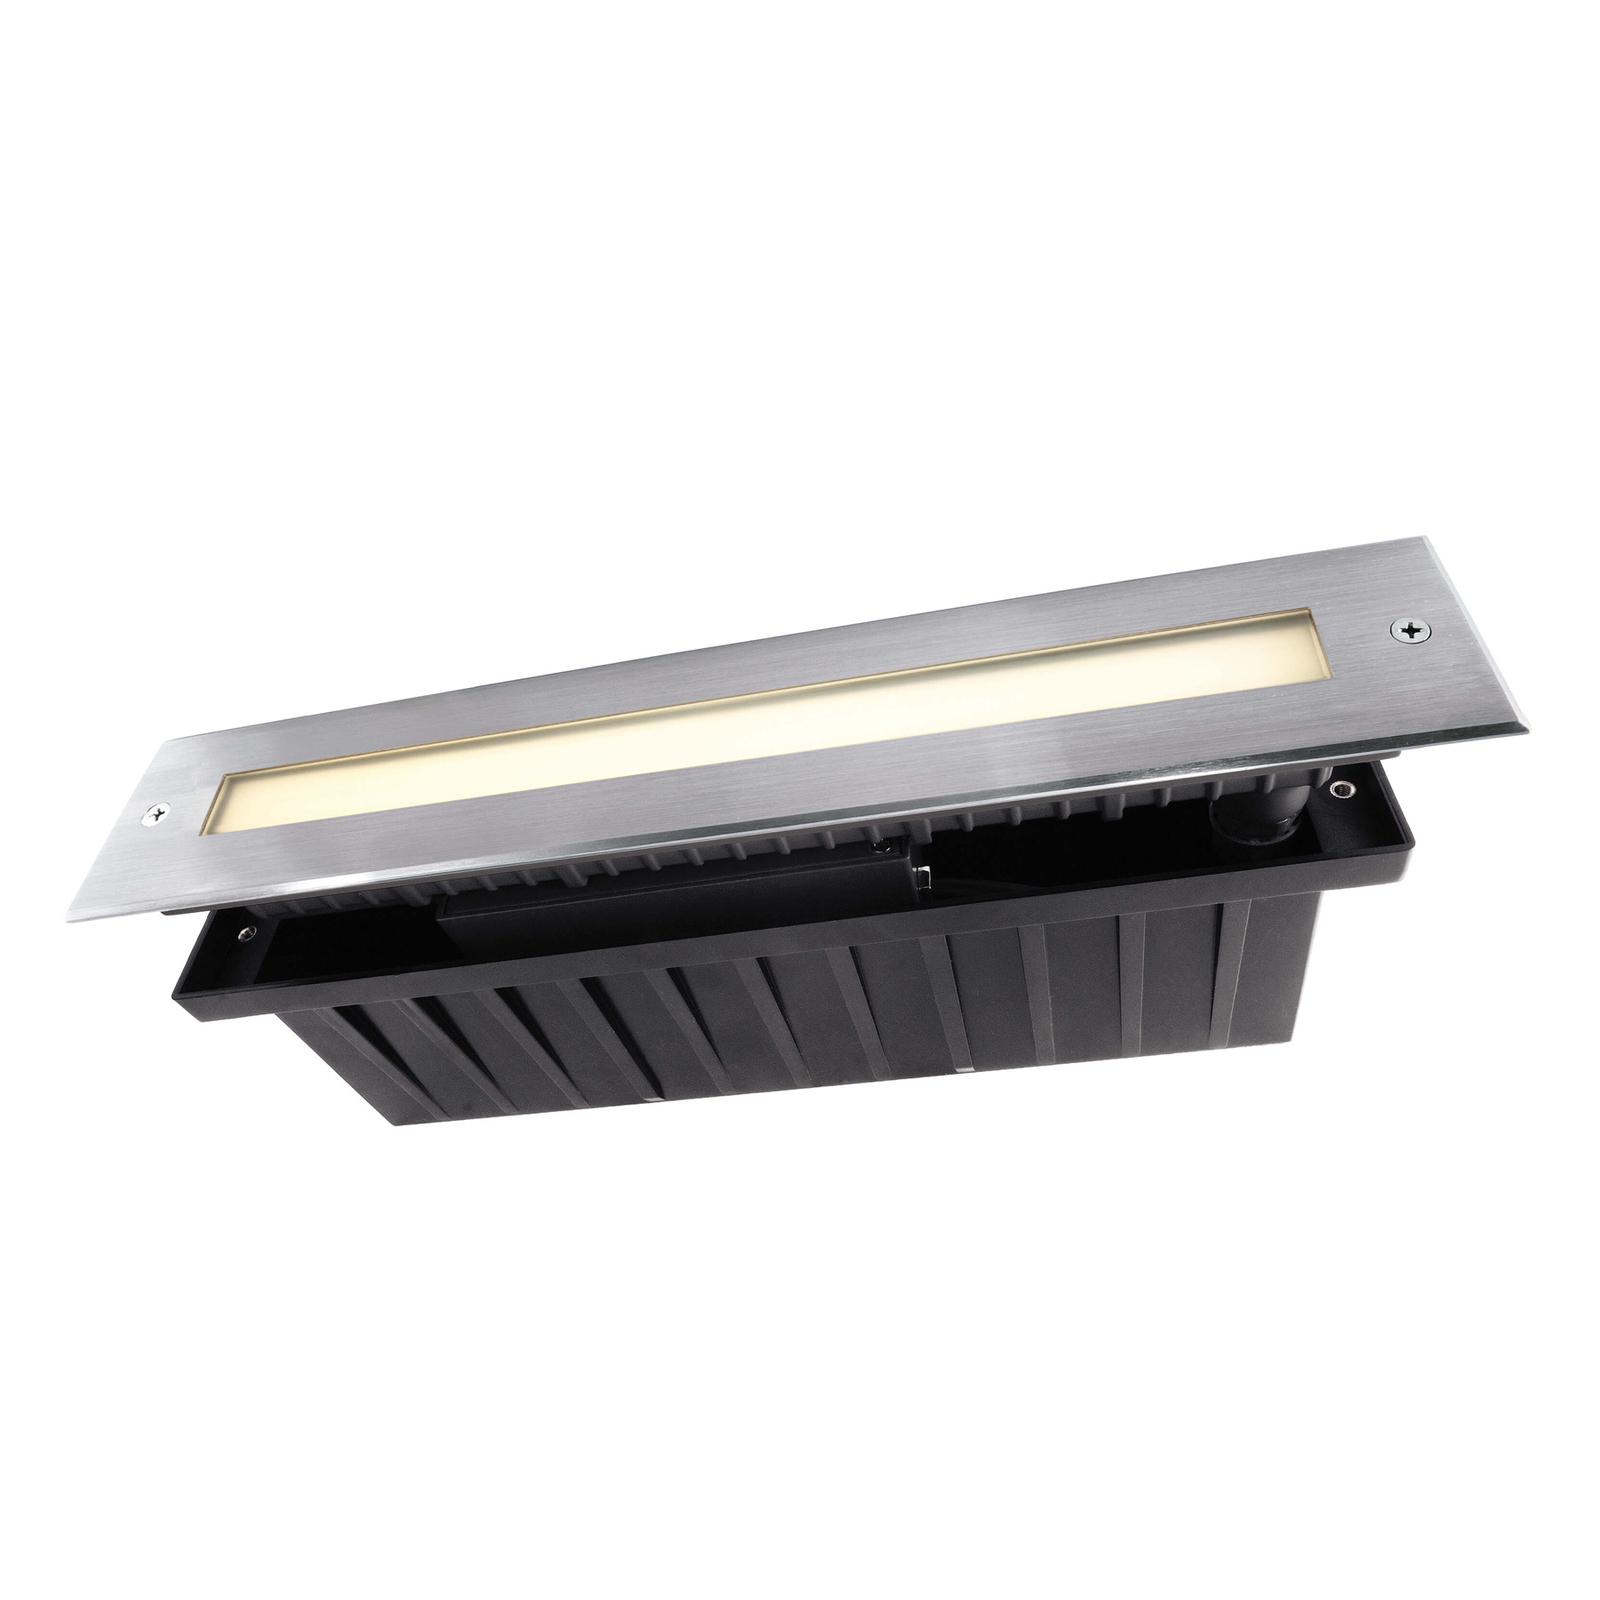 LED inbouwlamp Line, lengte 32,8 cm